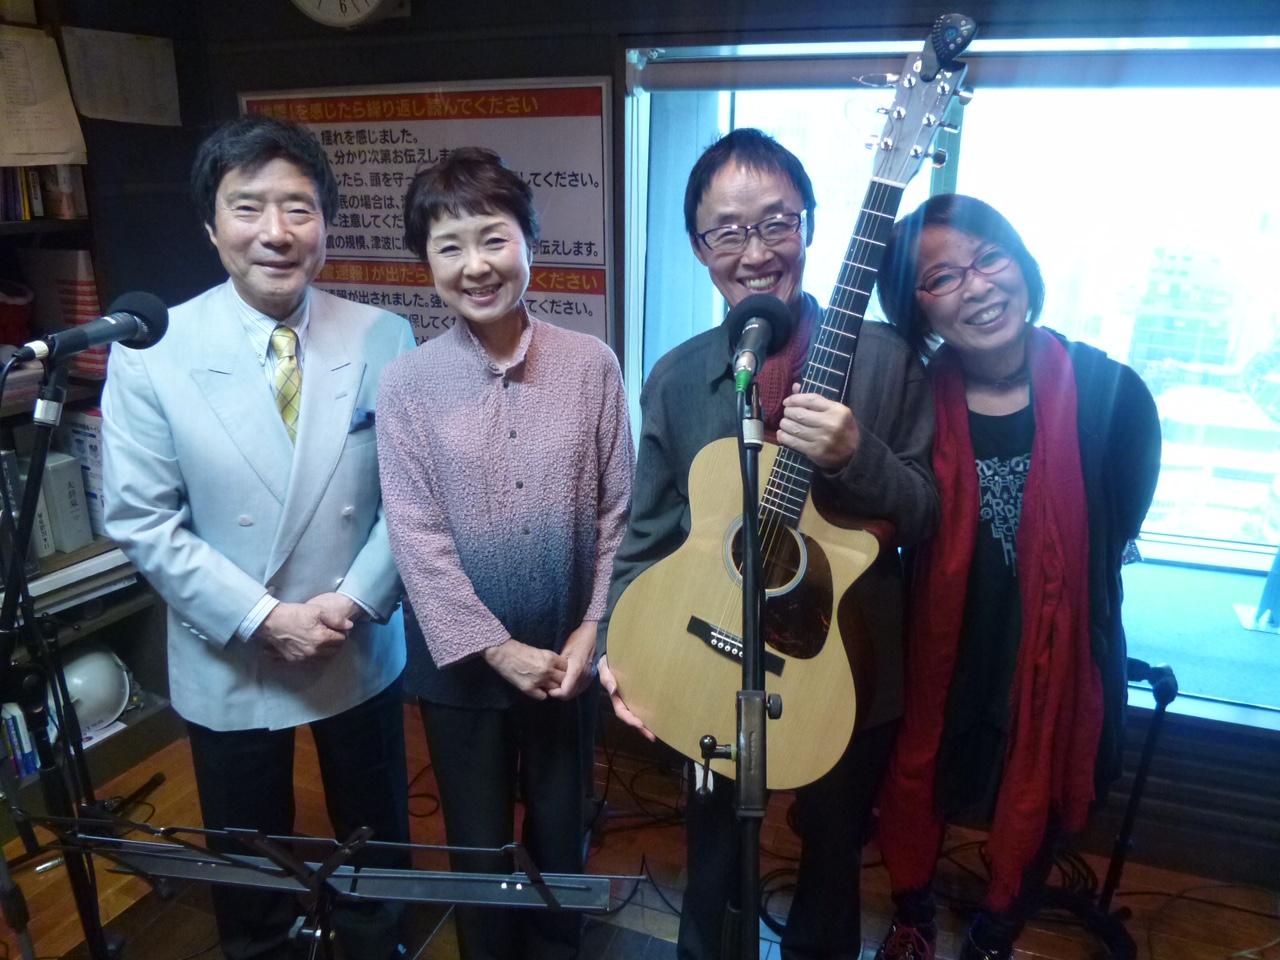 ゲストは、ダ・カーポの 榊原まさとしさんと榊原広子さん